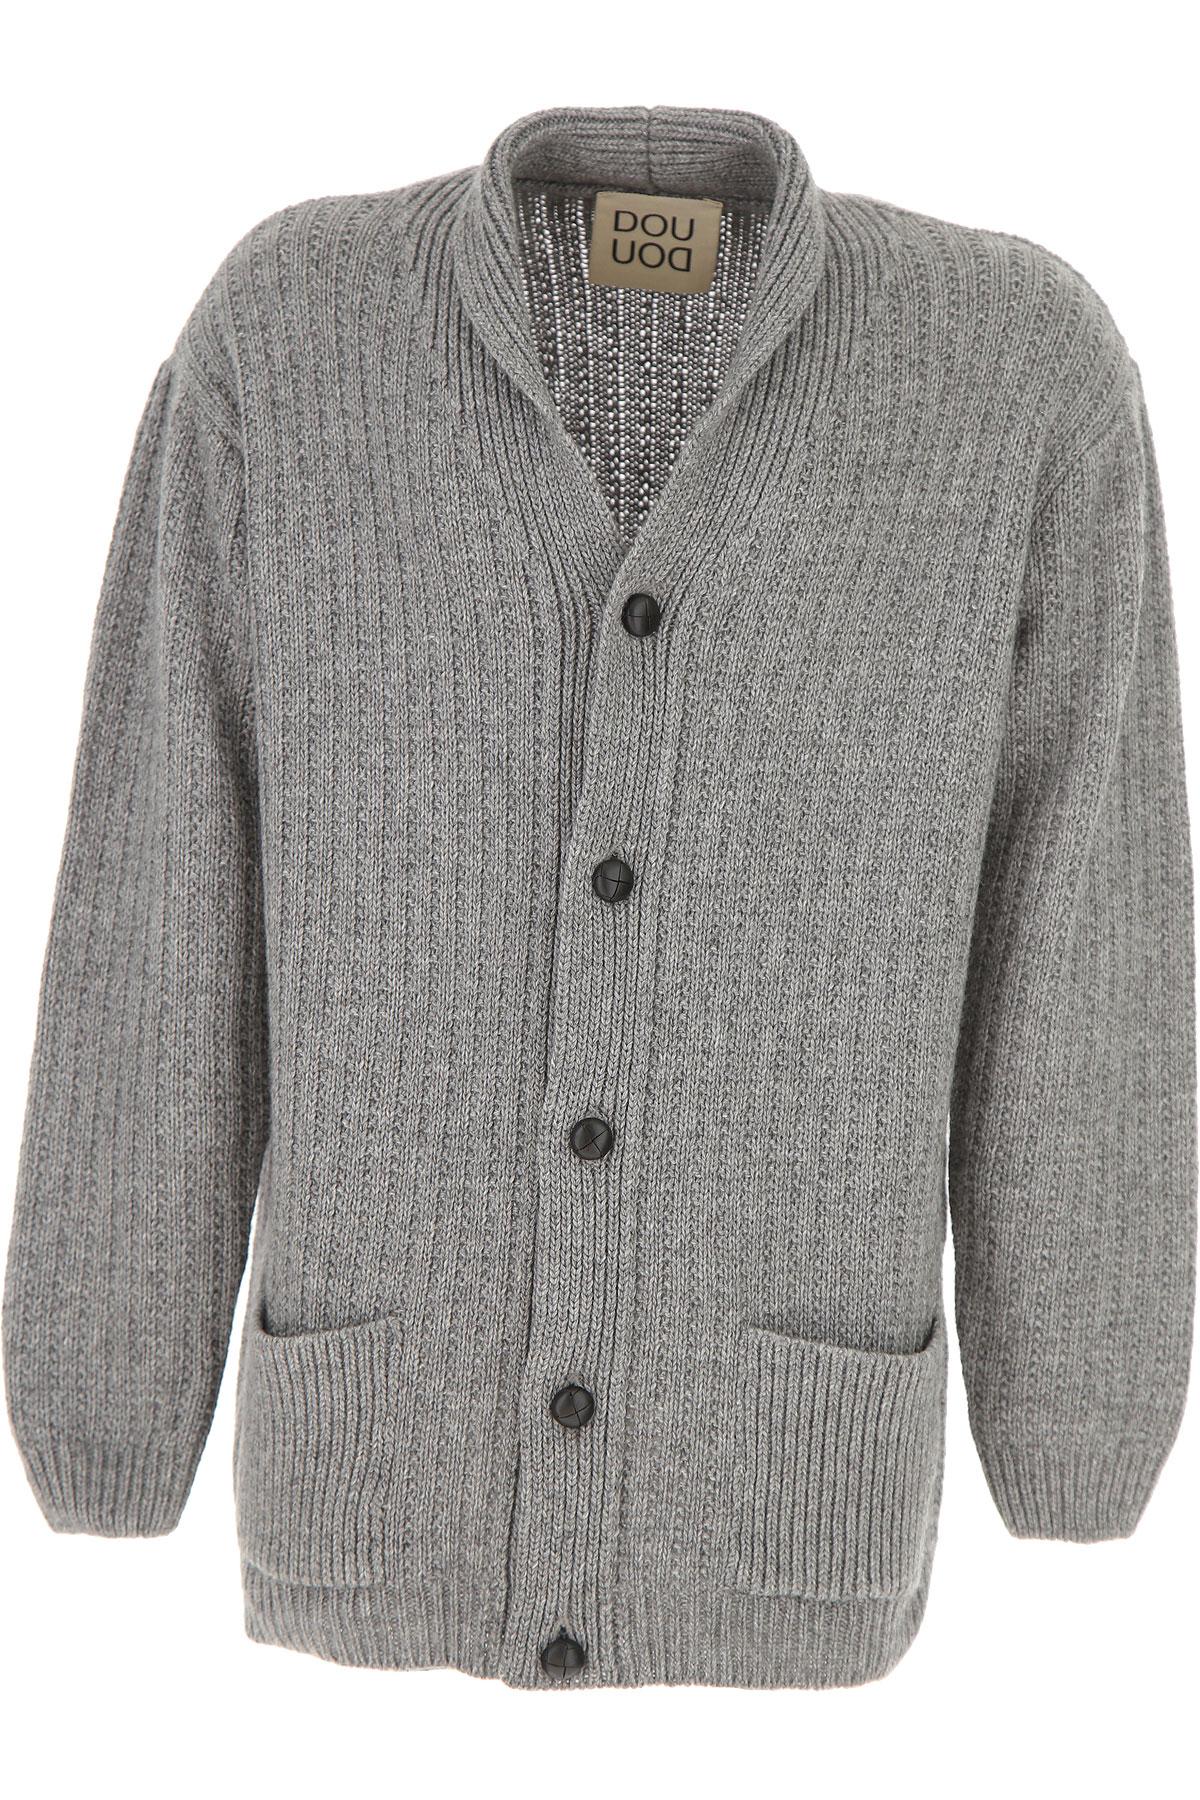 Image of Douuod Kids Sweaters for Girls, Grey, viscosa, 2017, 10Y 14Y 2Y 4Y 6Y 8Y